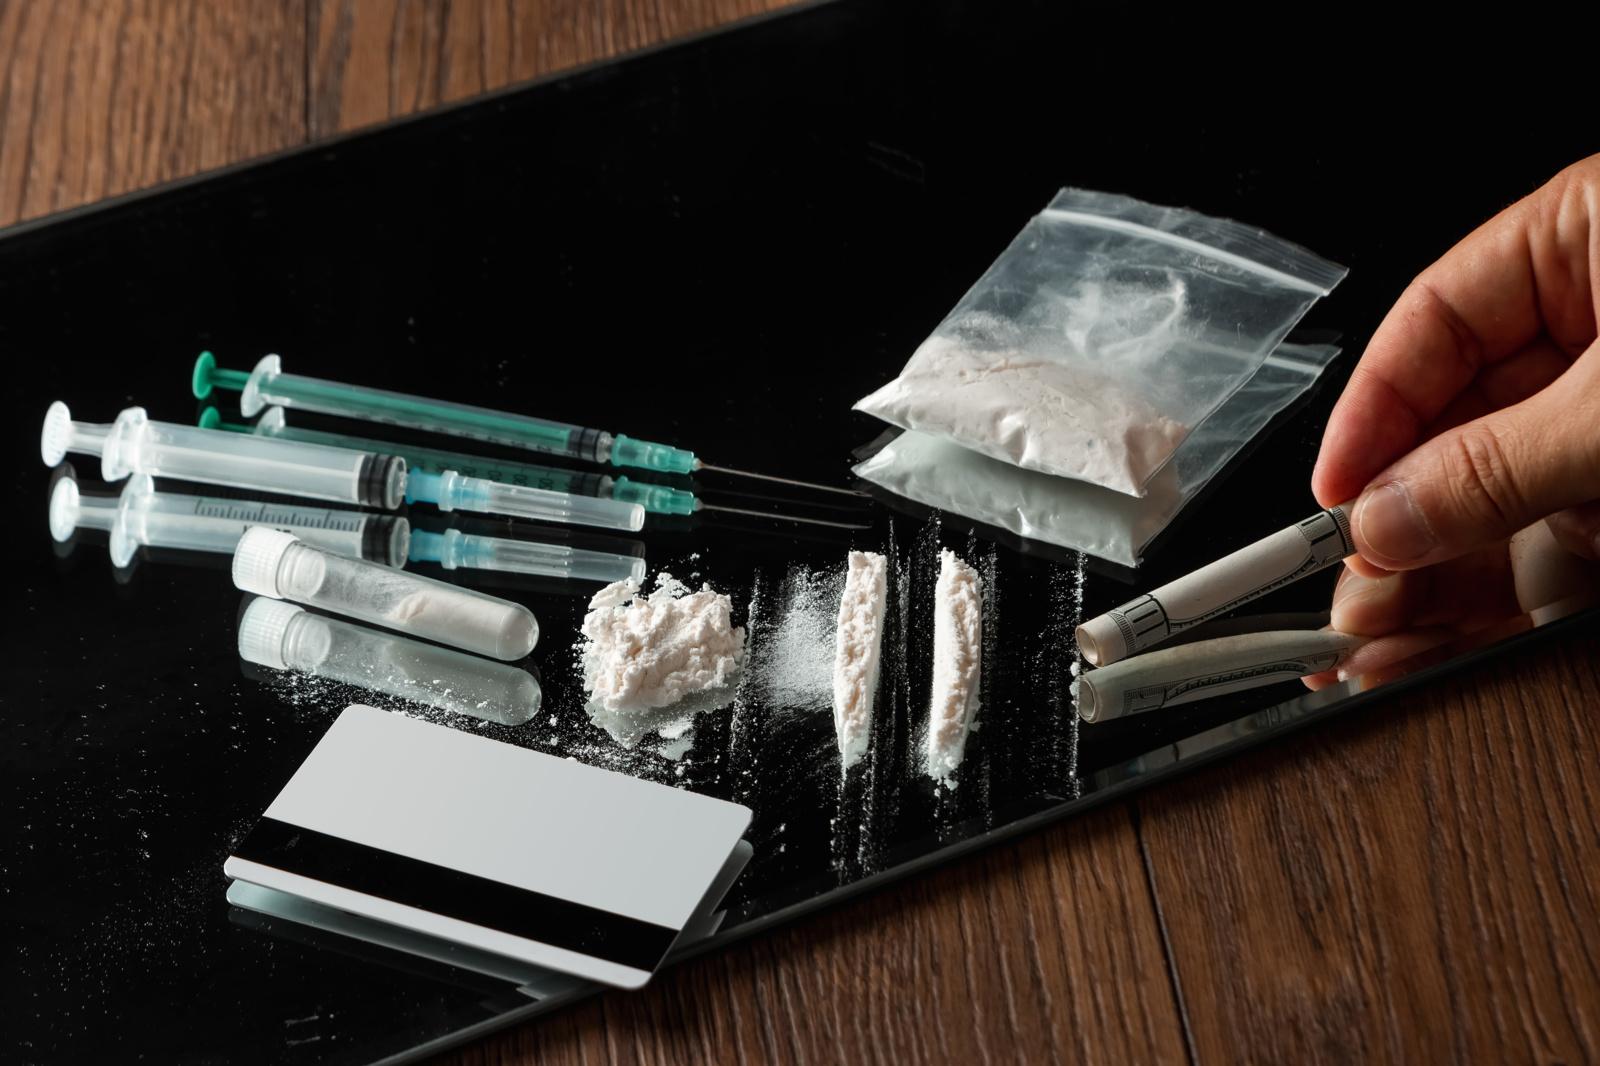 Visagine nuosprendį išgirdo narkotikų prekeiviai ir jų klientai